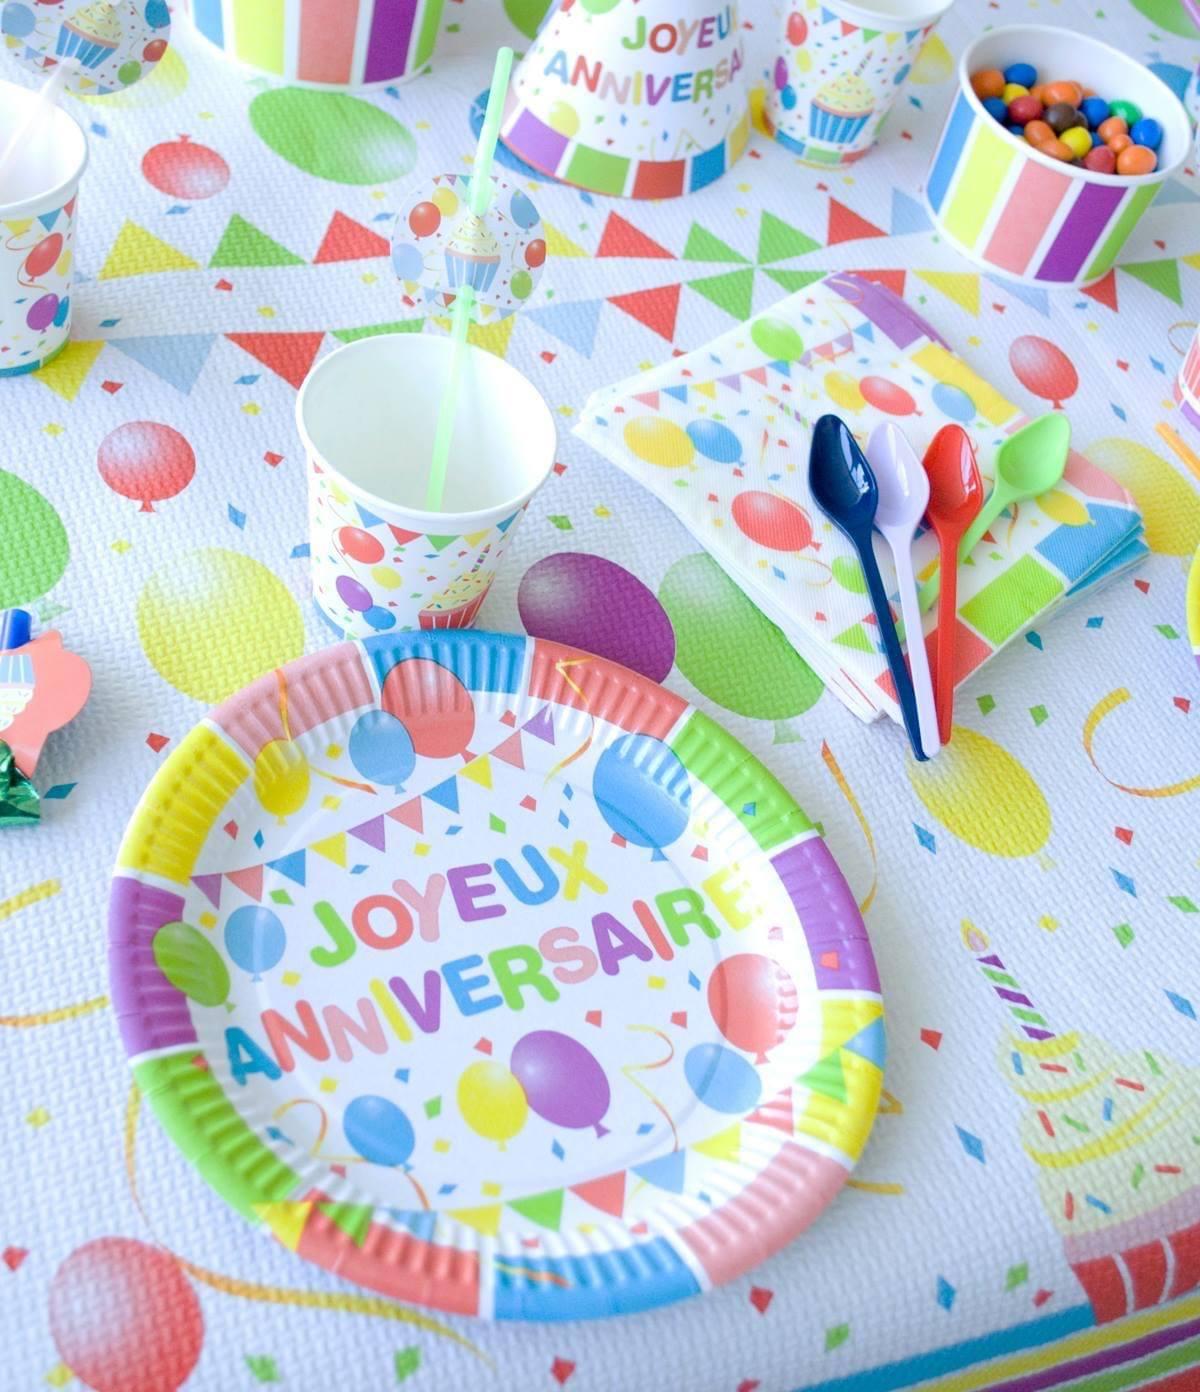 décorations anniversaire bordeaux